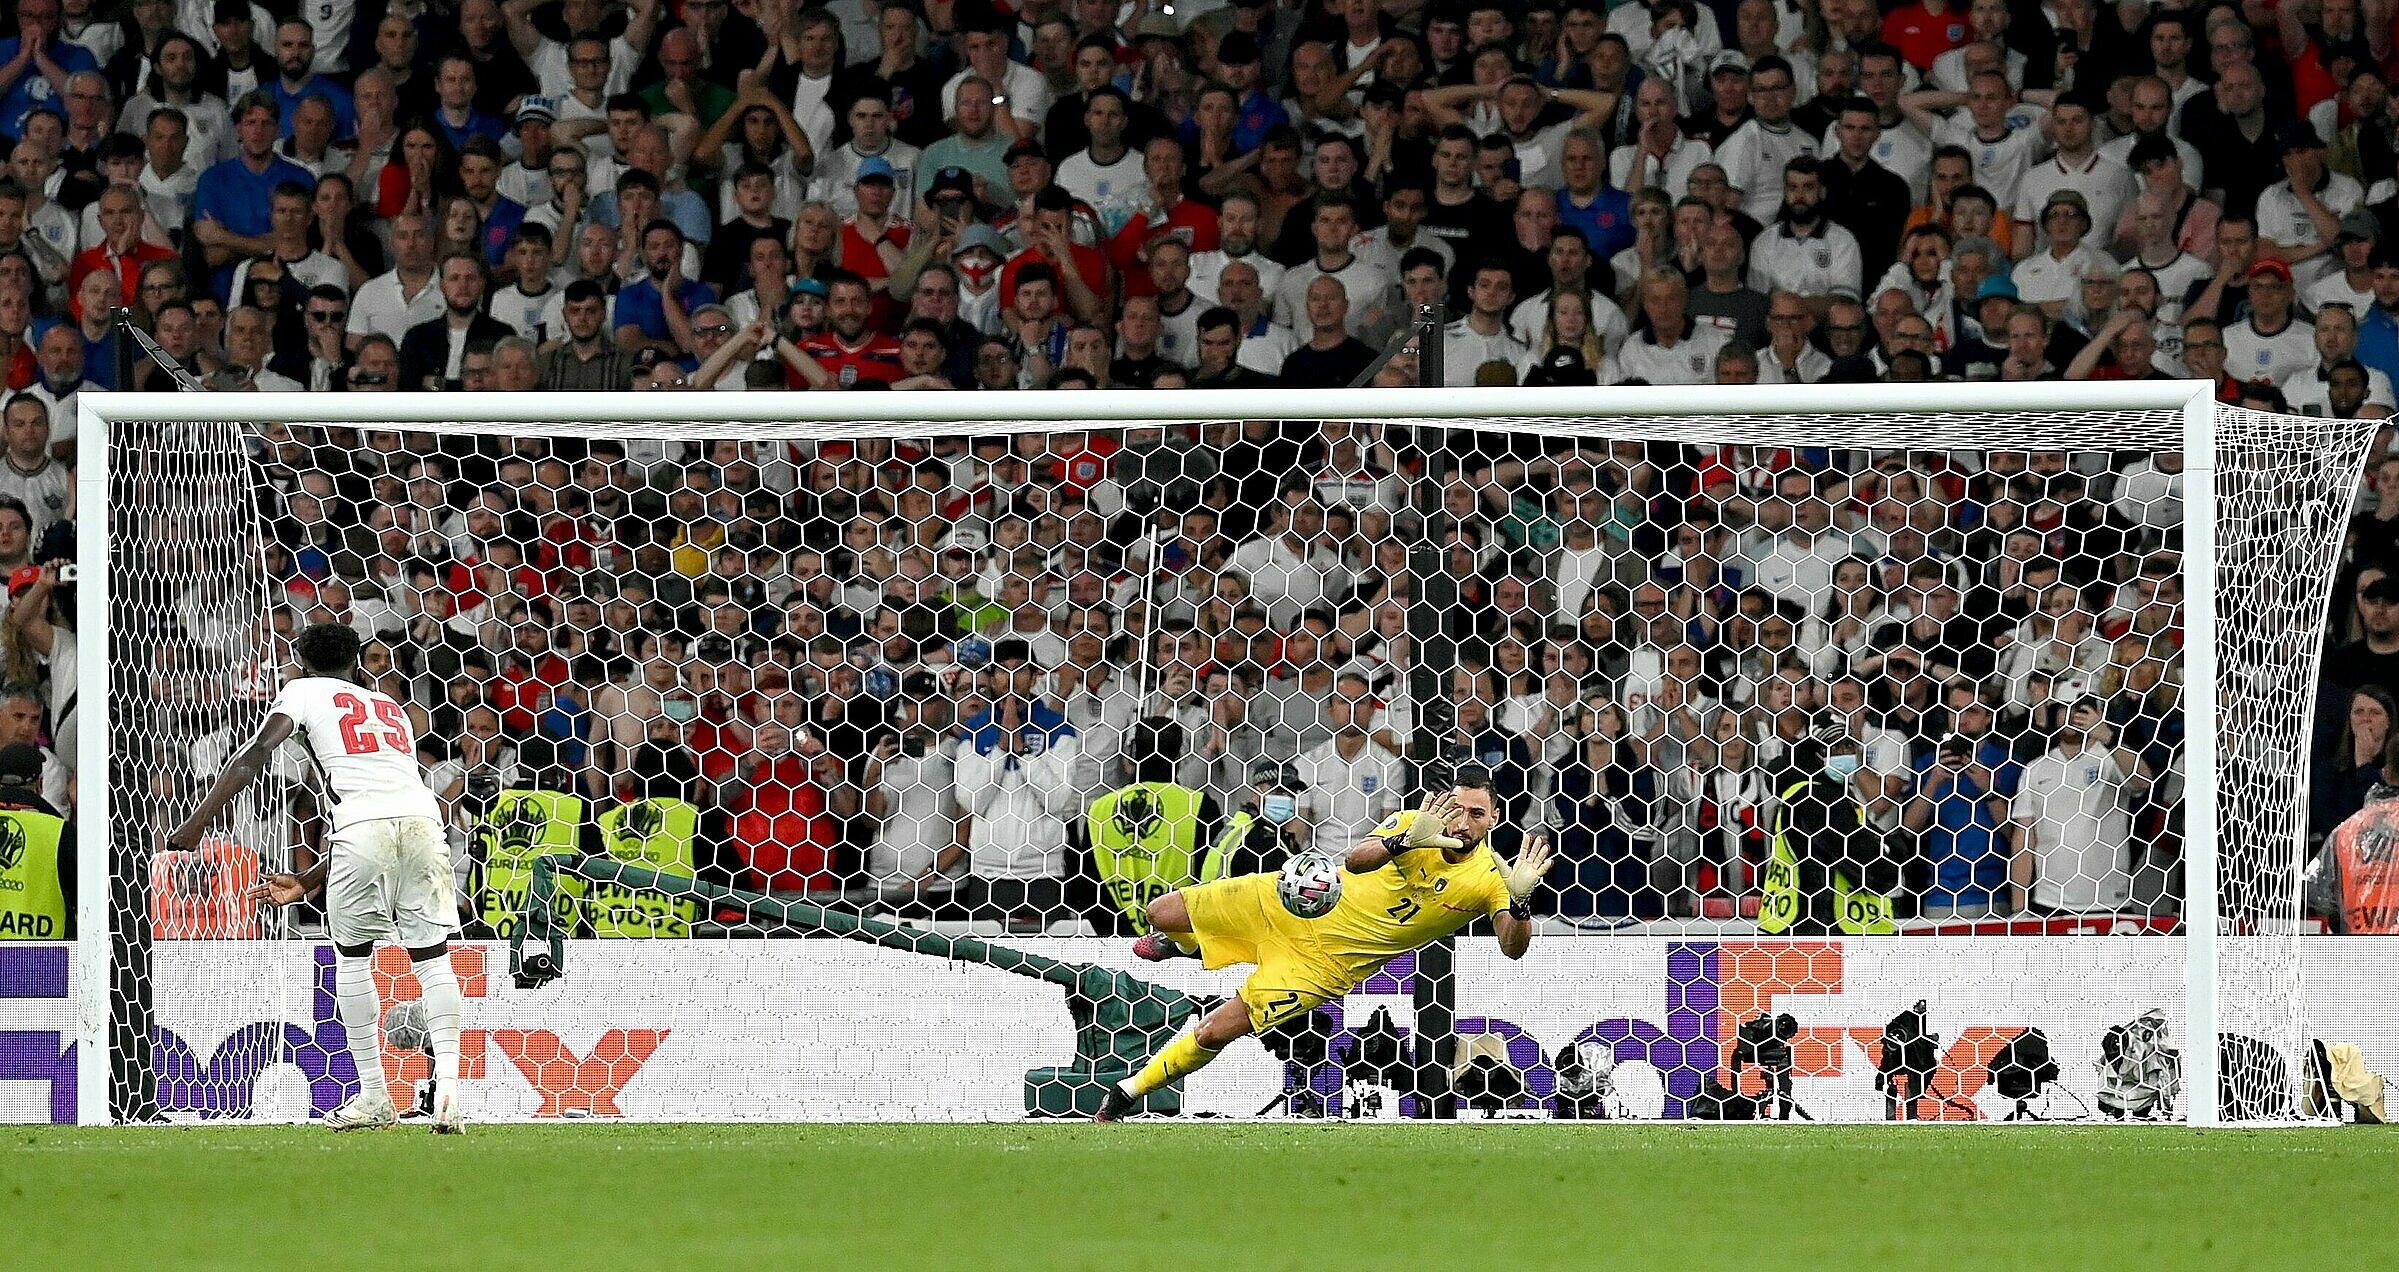 Donnarumma cản cú đá của Saka ở lượt cuối loạt luân lưu trong trận chung kết, giúp Italy vô địch Euro 2021. Ảnh: FIGC